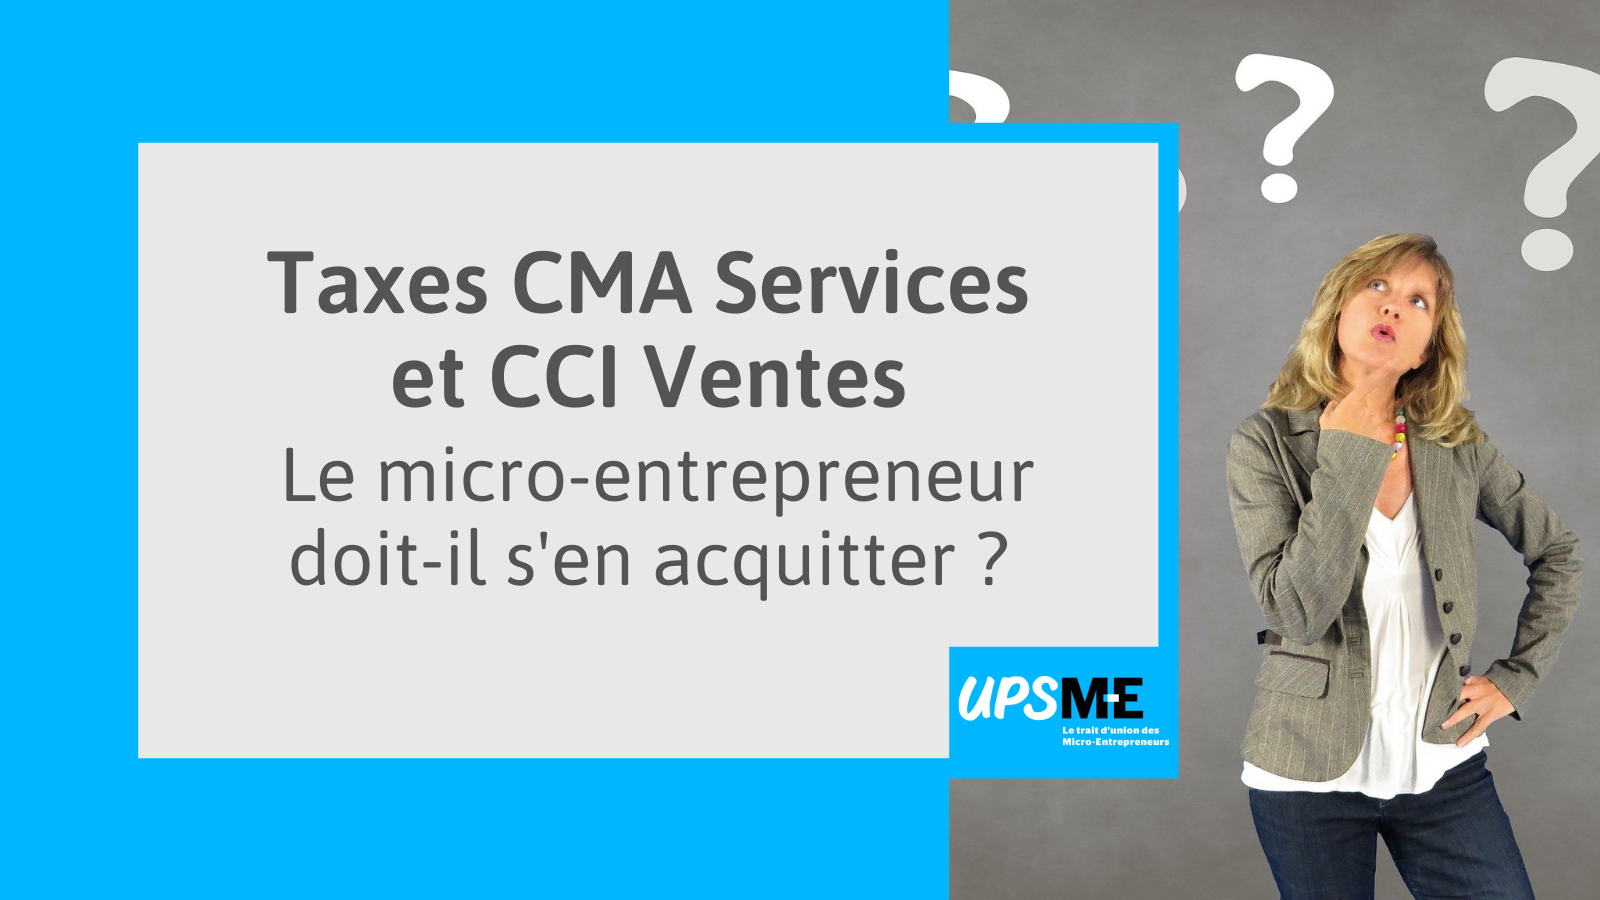 Le micro-entrepreneur doit-il payer les taxes CMA et CCI Services et Ventes ?